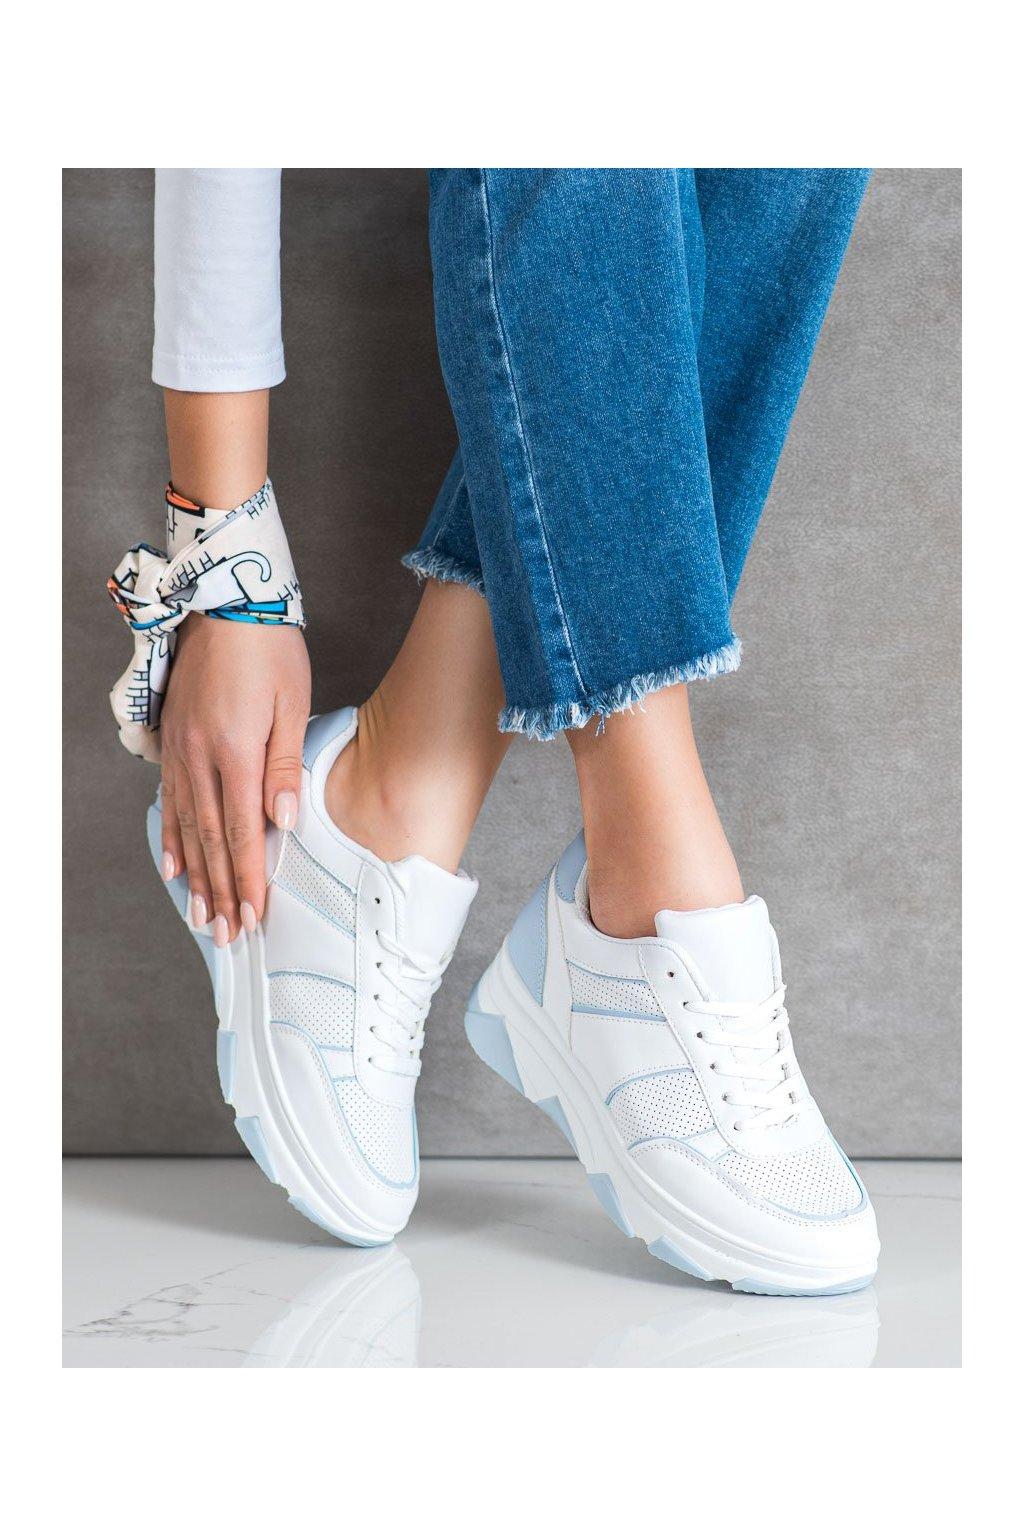 Modré tenisky Shelovet kod 6306L.BL